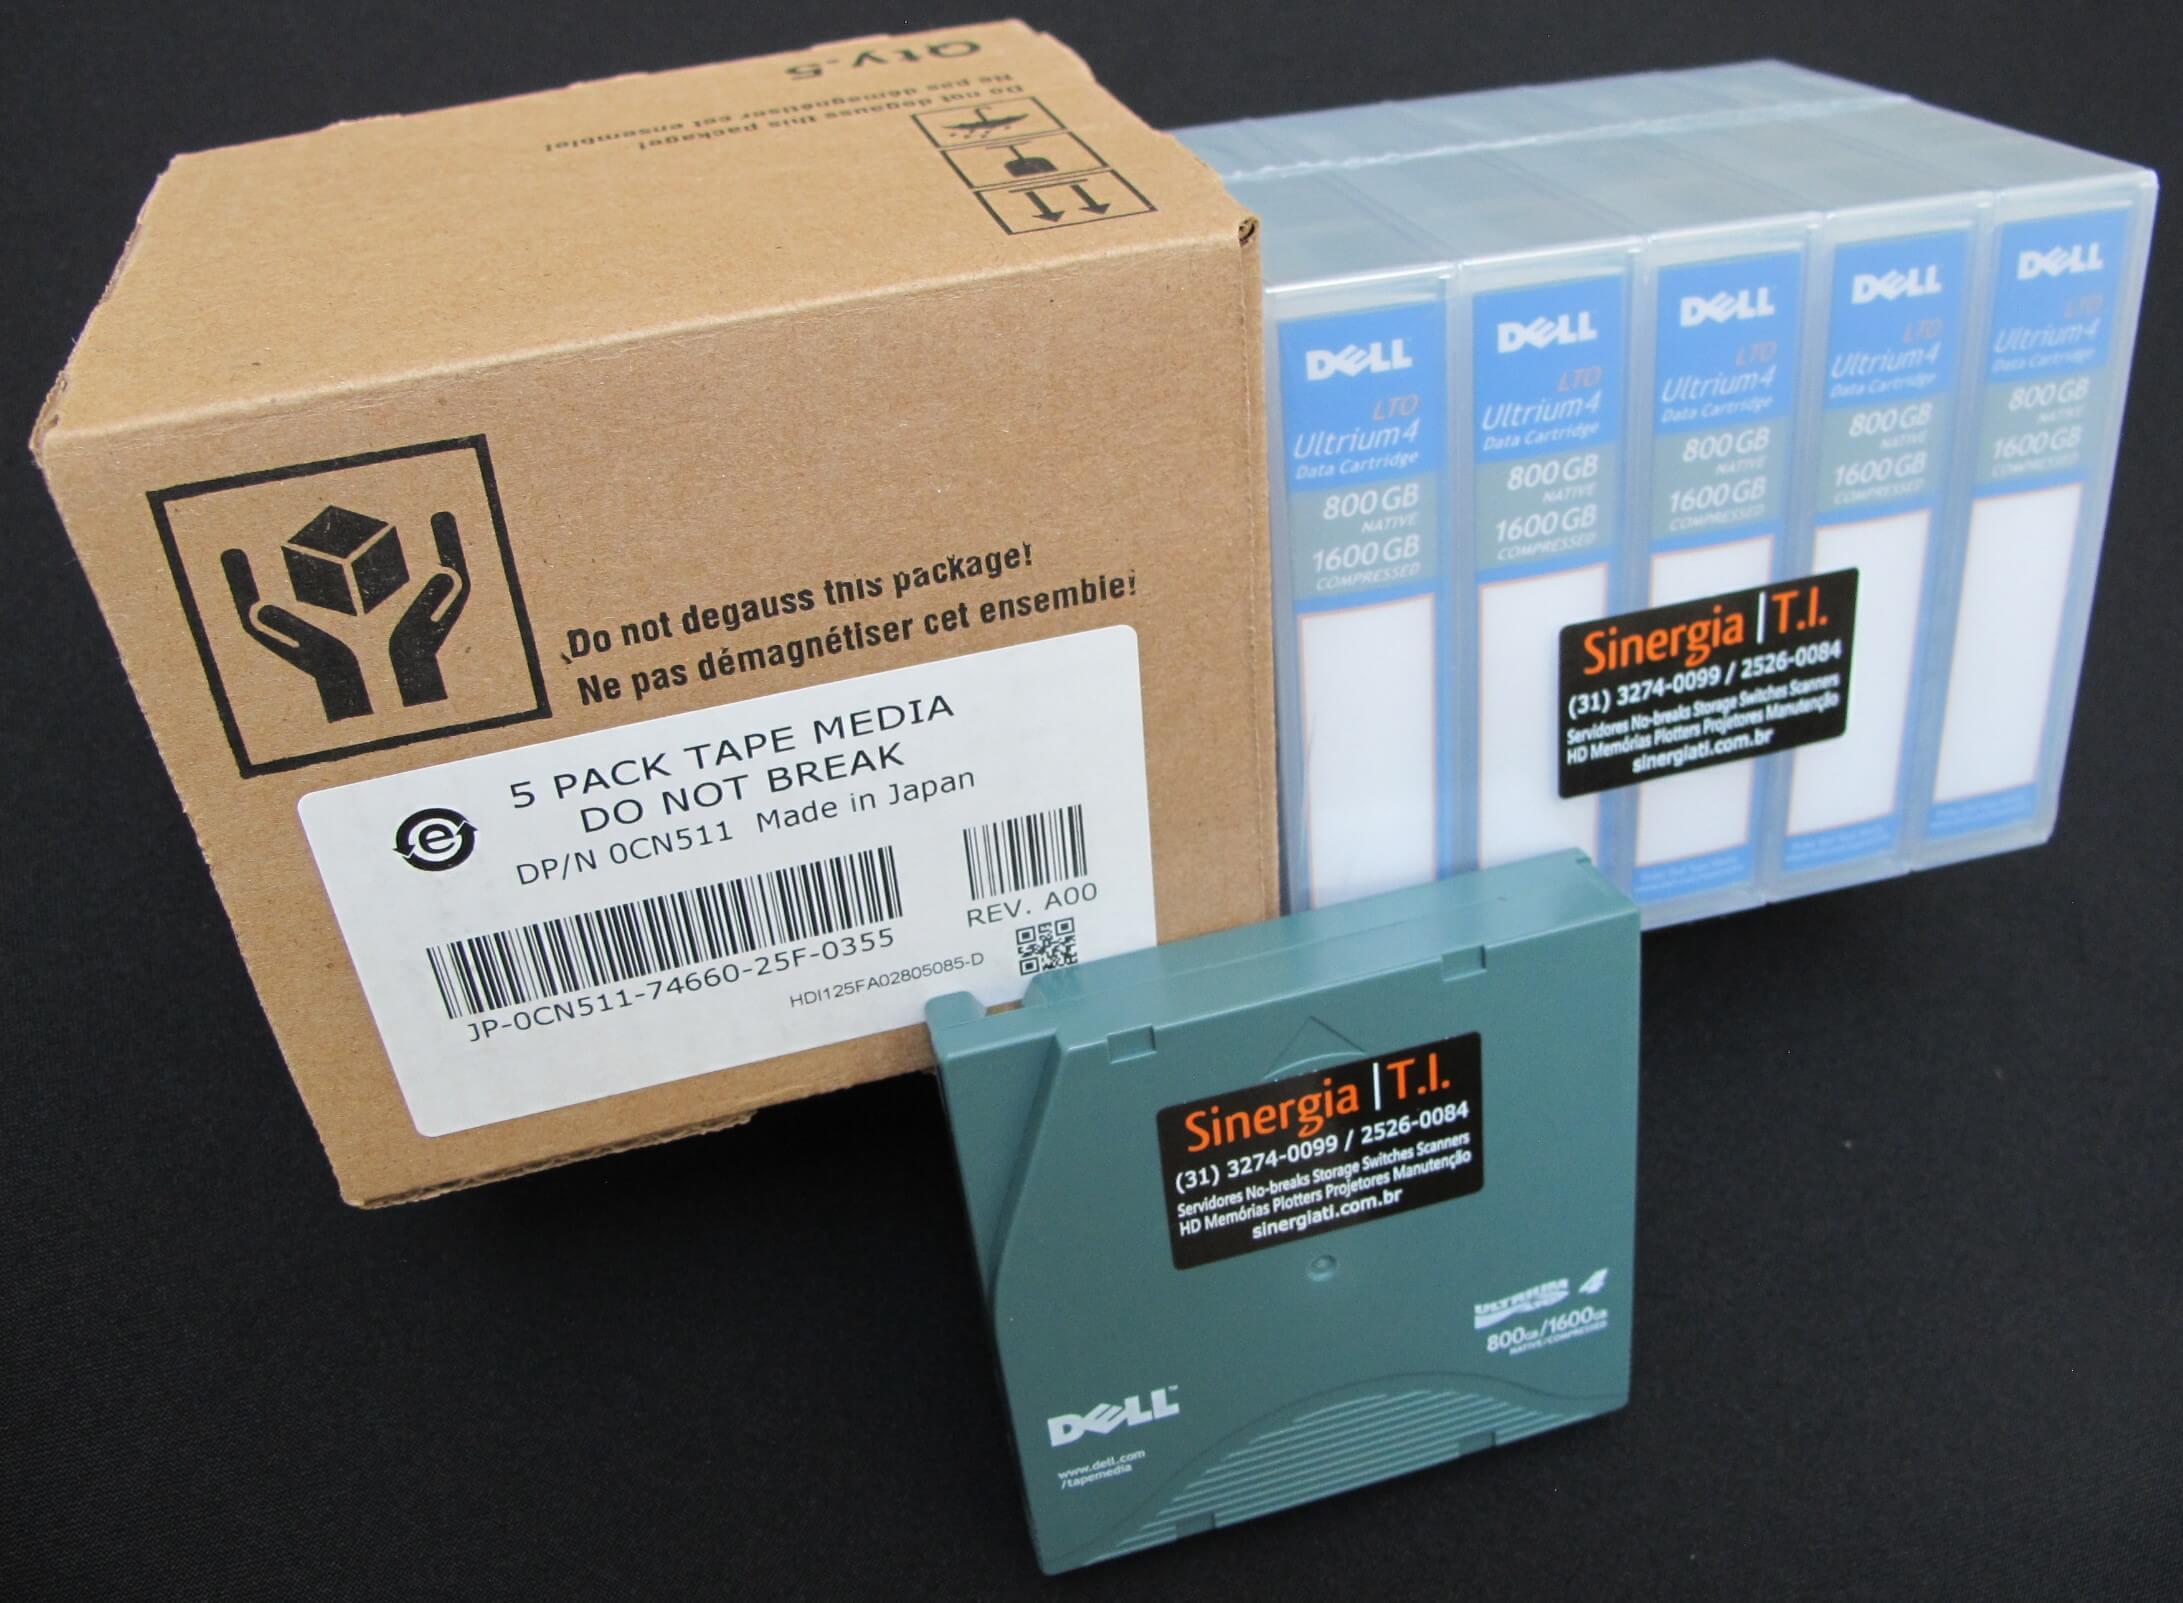 Fita de Dados LTO-4 Ultrium 4 Data Cartridge 800GB/1.6TB Dell Código do Fabricante : XW259 | Código Dell : 341-4641 foto perfil com caixa papelão pack 5 mídias